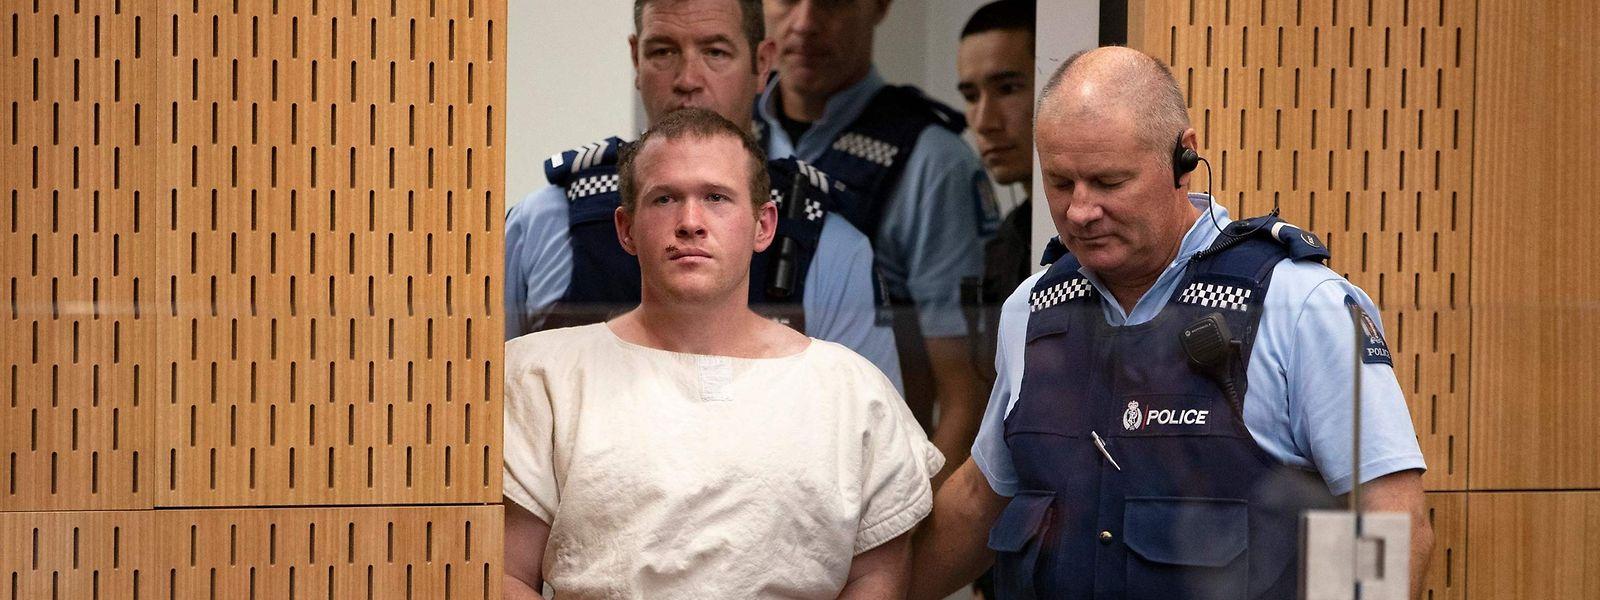 Der Angeklagte Brenton Tarrant vor Gericht.